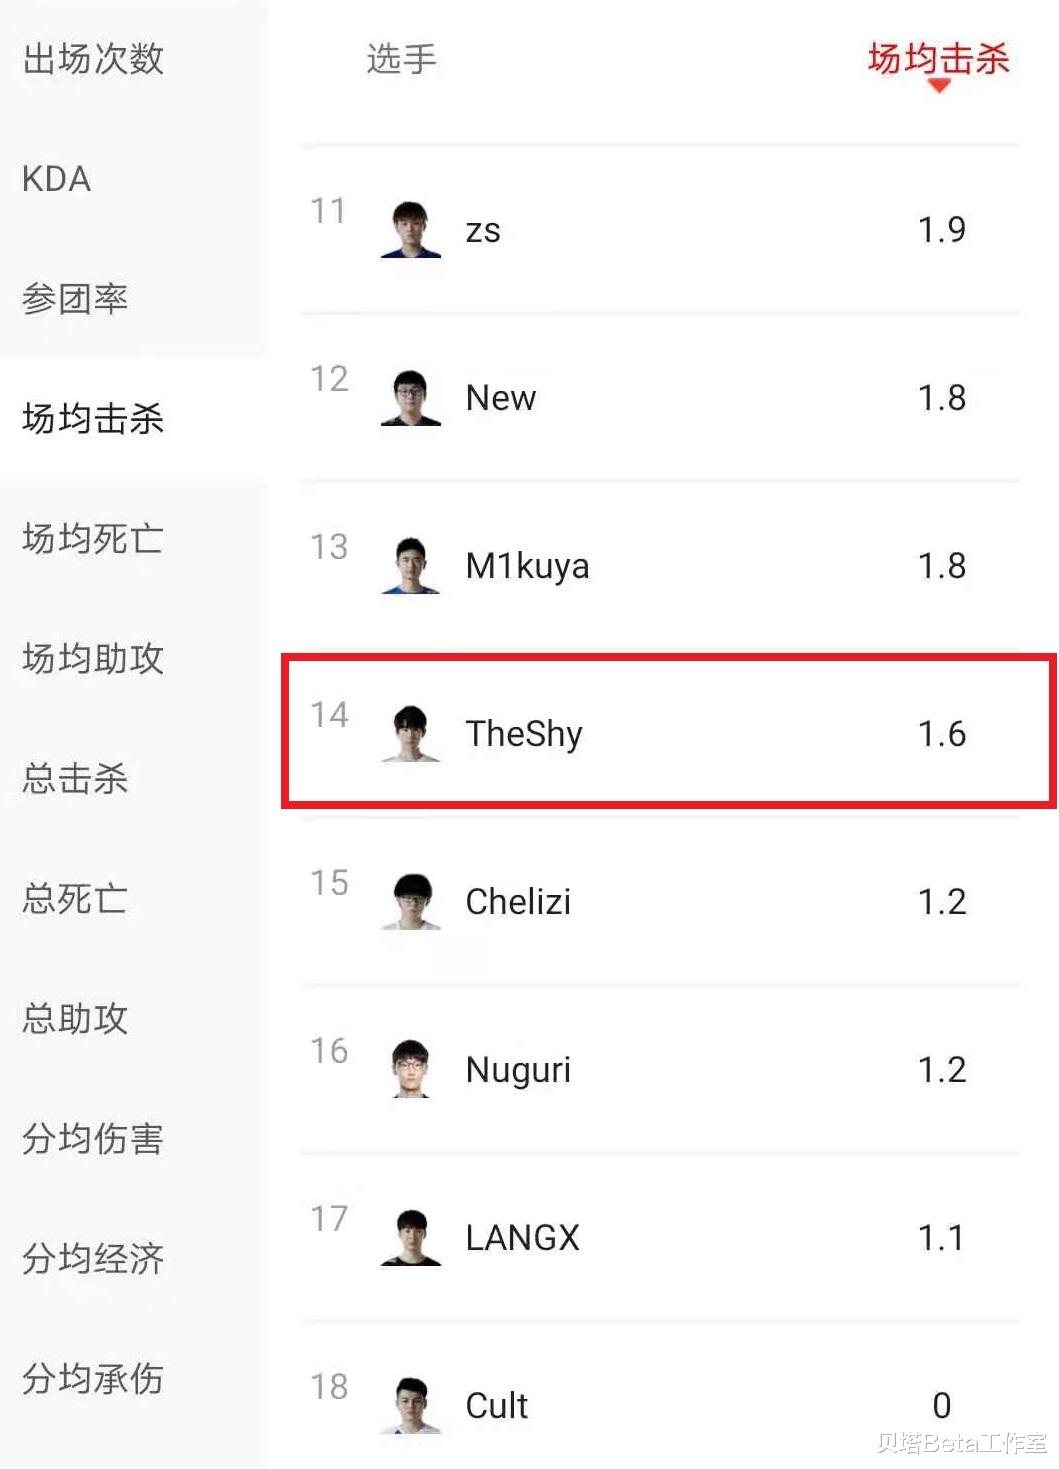 《【煜星娱乐注册平台官网】Theshy下滑有多严重?春季赛数据出炉:6项数据排在LPL上单倒数》